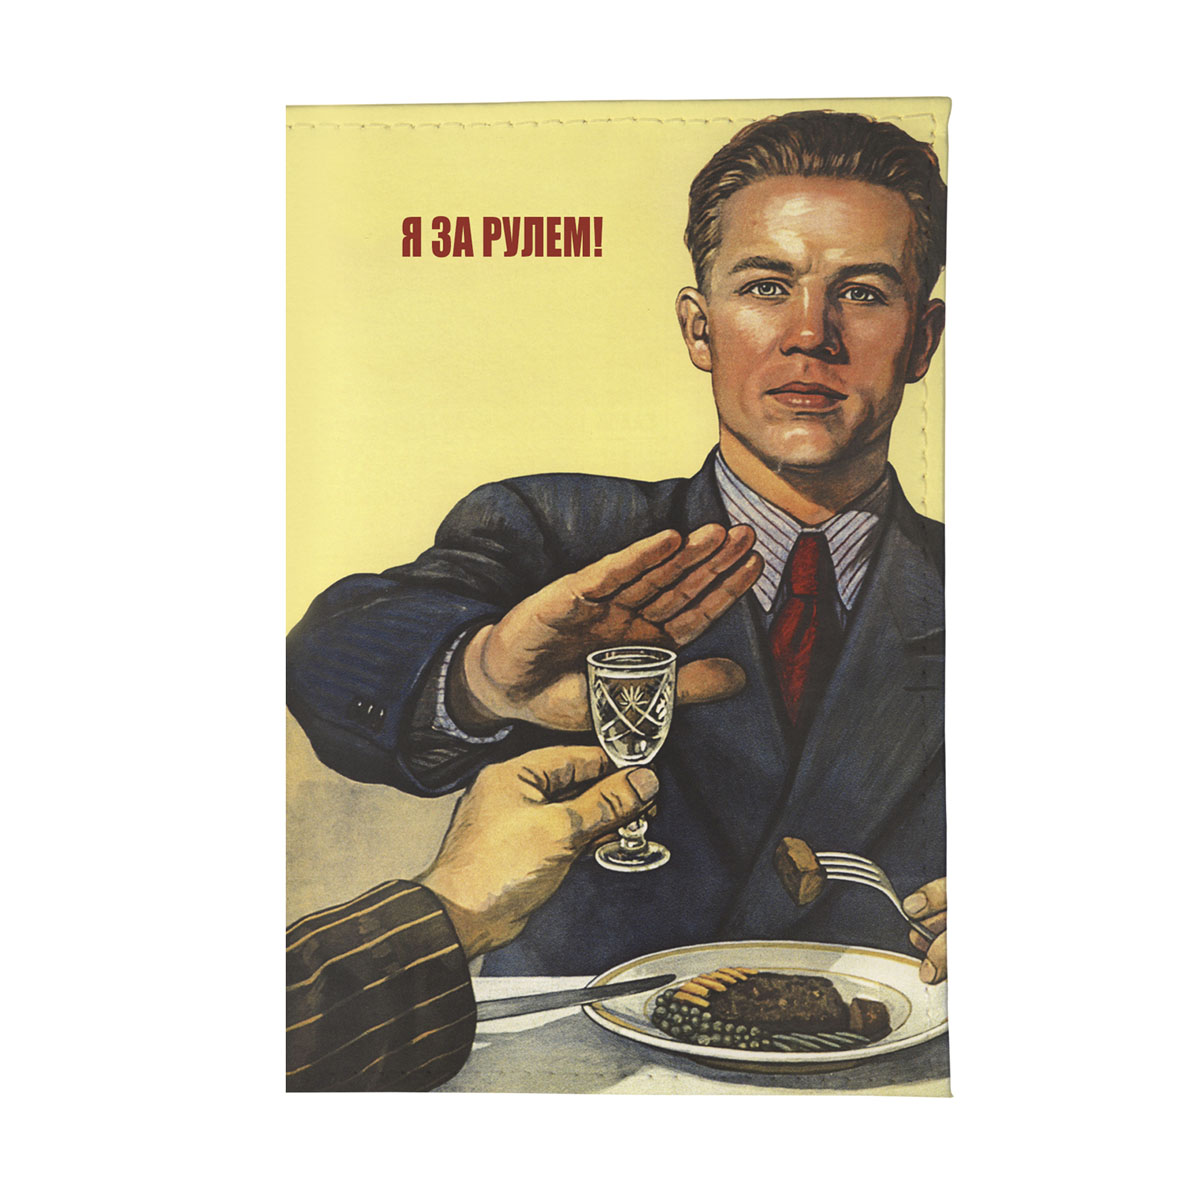 Обложка для автодокументов Mitya Veselkov За рулем, цвет: желтый. AUTOZAM399596.067.01 BlackОбложка для удостоверения Mitya Veselkov За рулем выполнена из ПВХ. Края дополнены прострочкой. Внутри у модели широкие удобные поля.